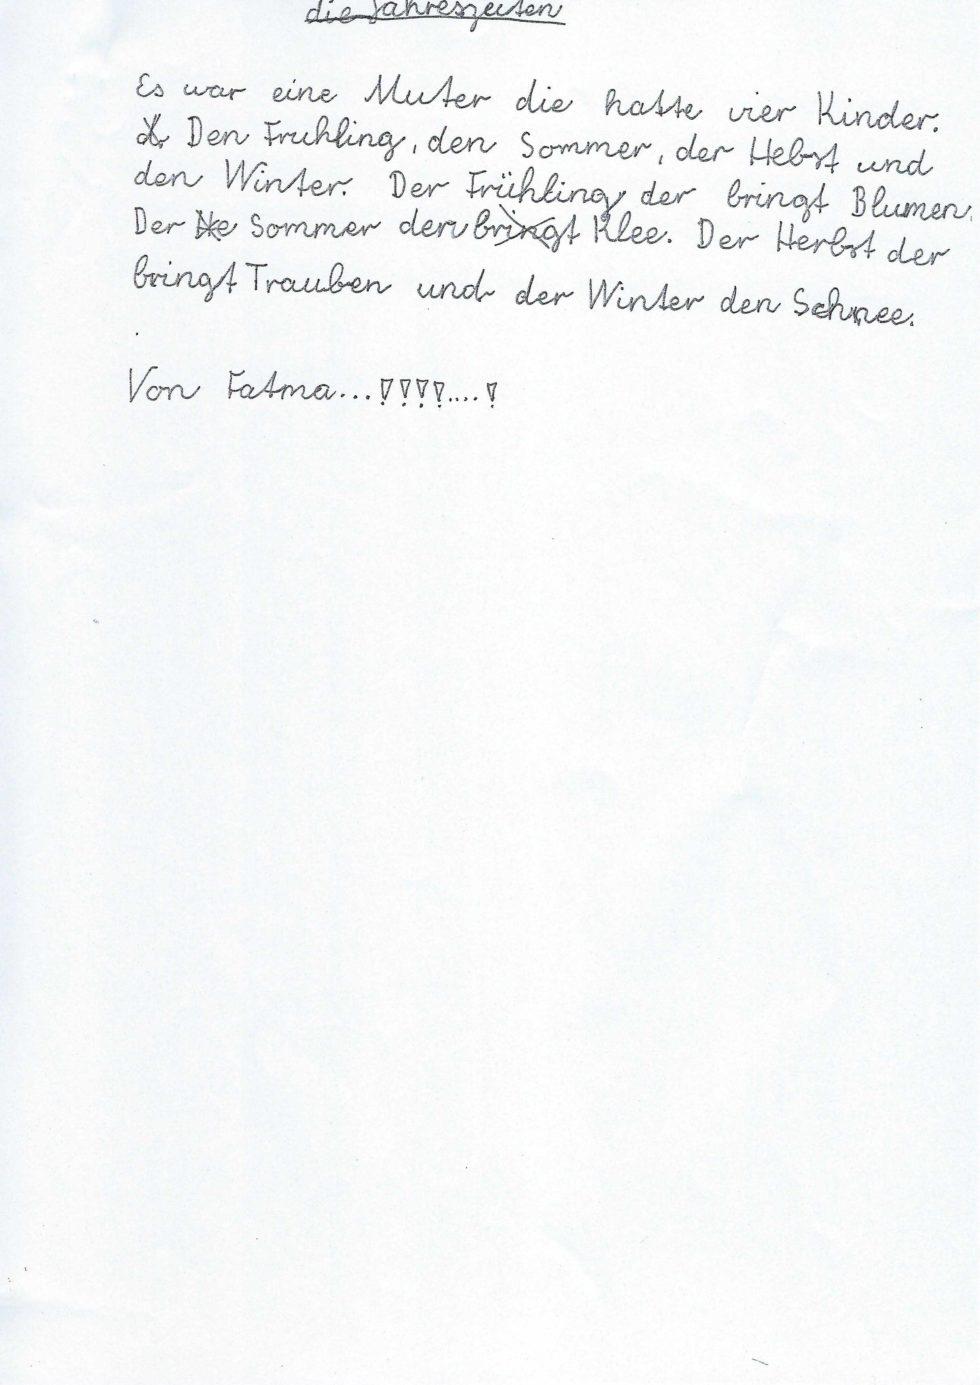 Schulprojekt2004_Die Werke der Kinder_Seite_22